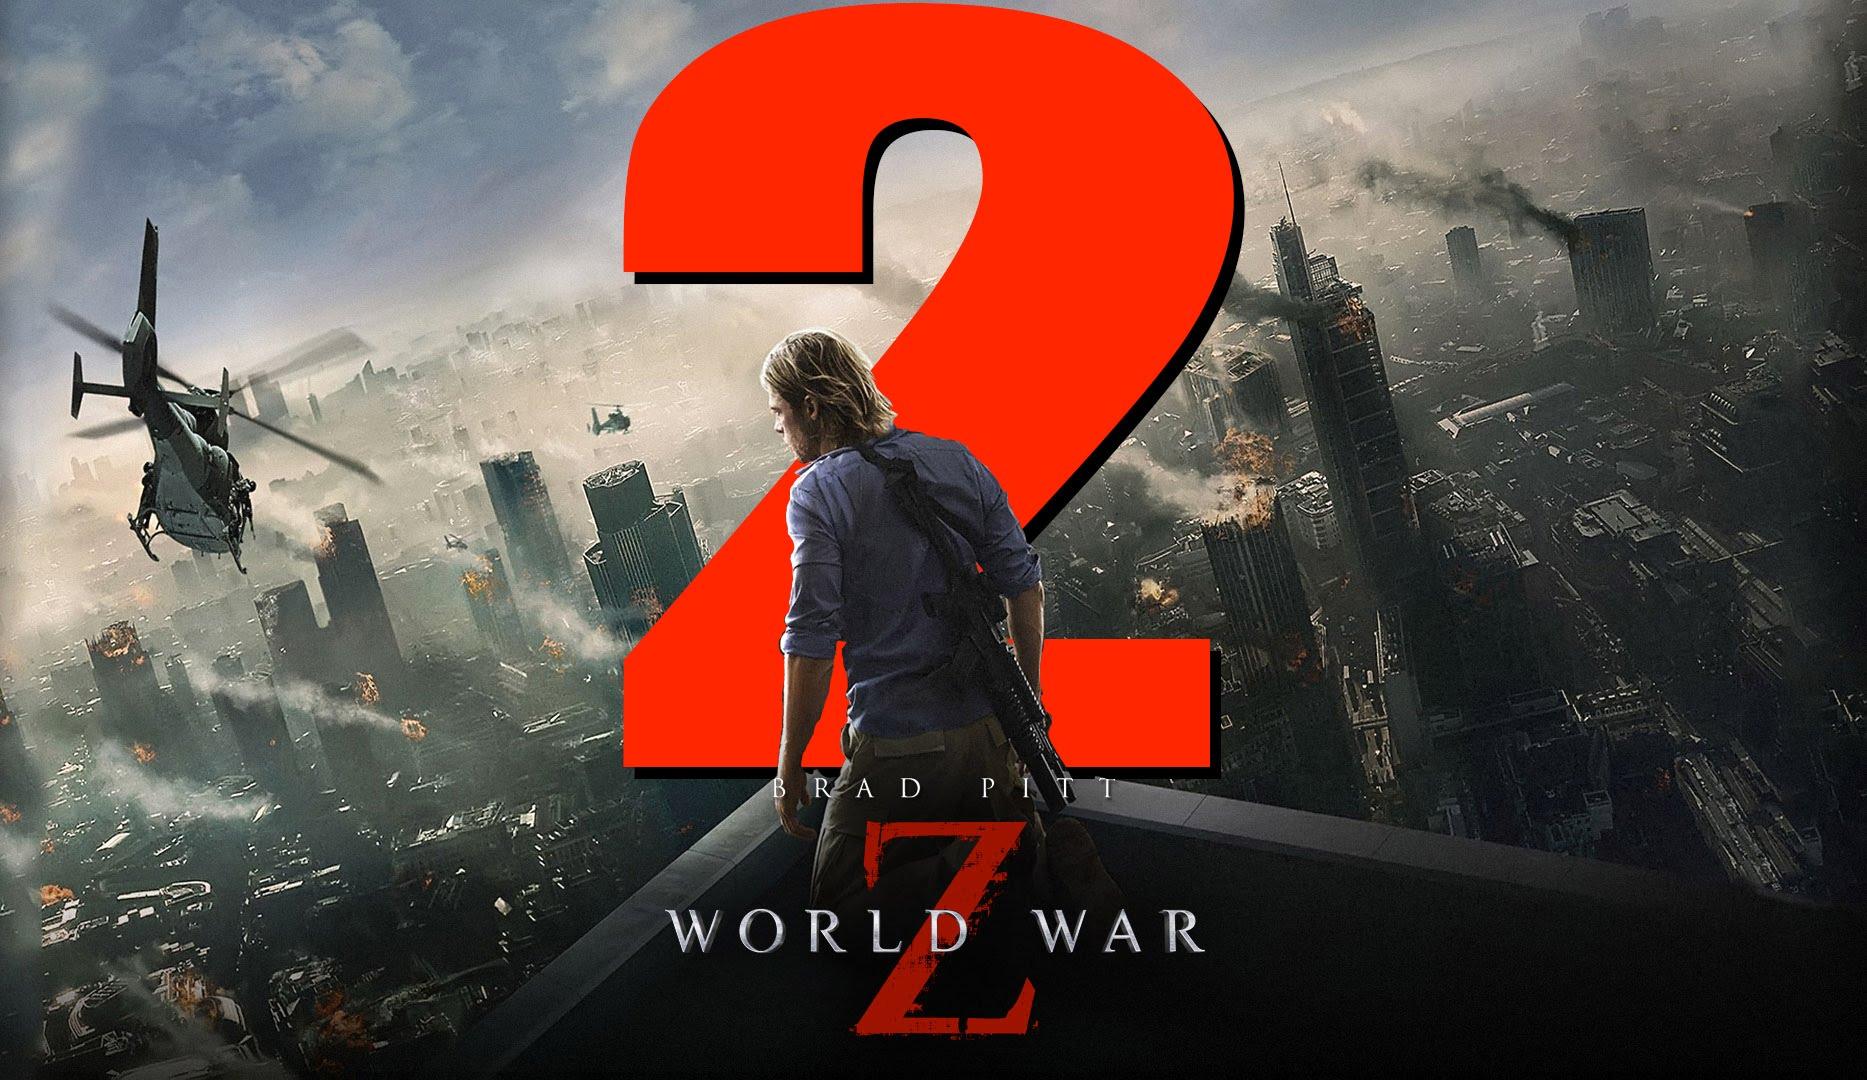 World War Z 2 Wallpapers hd